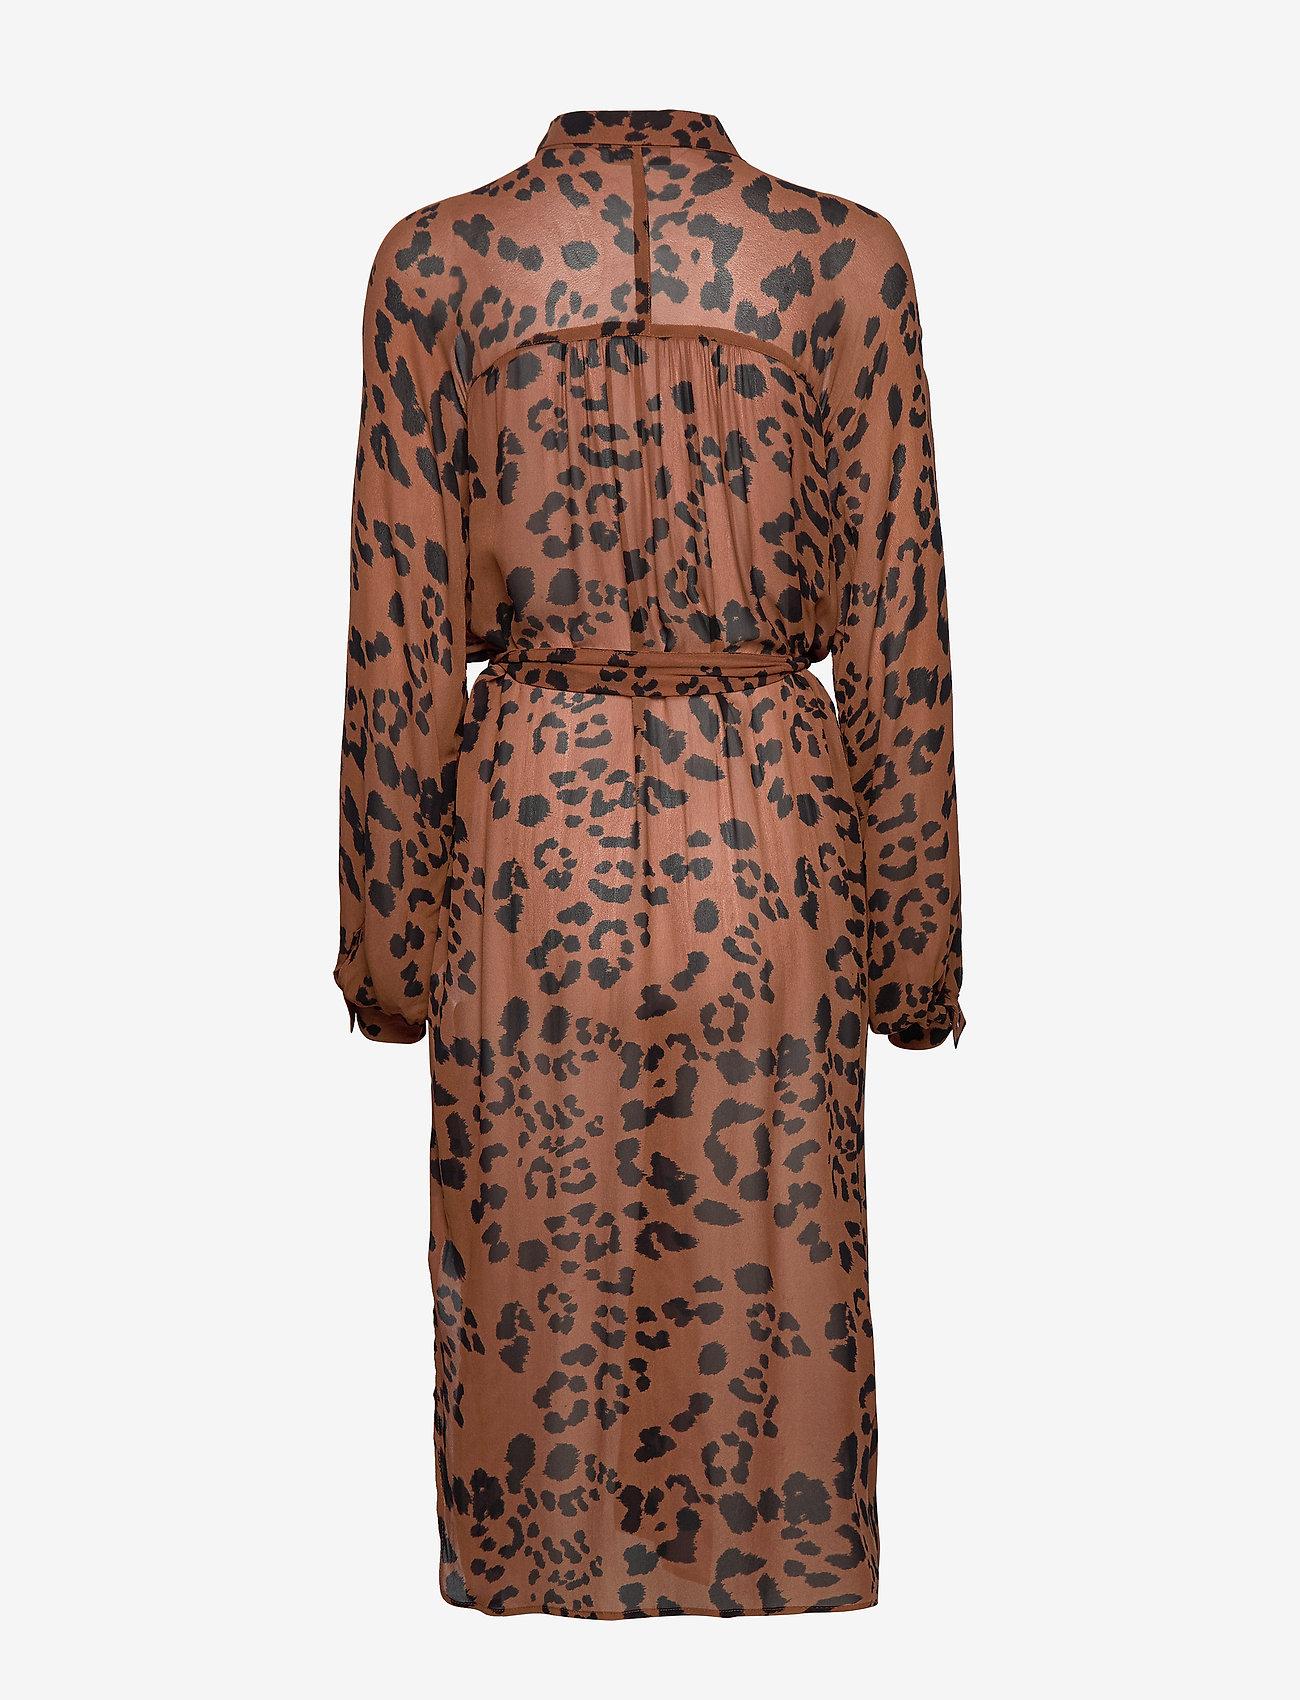 For Billig Kvinder Tøj.Thandie Dr Leopard Print, Brown. 600 Part Two pVrBj7